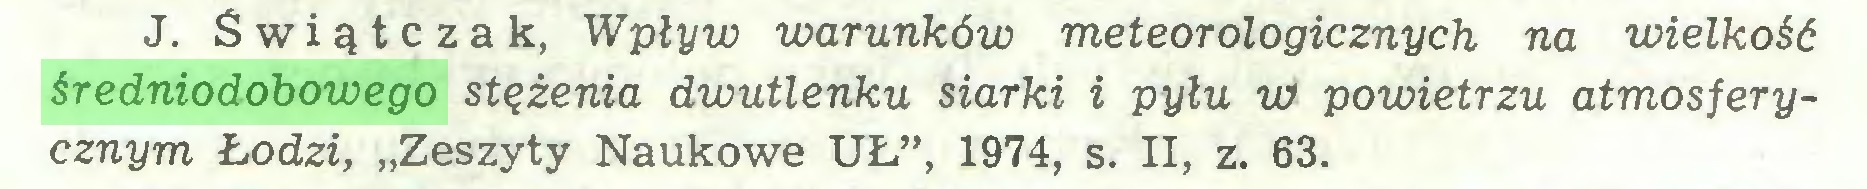 """(...) J. Świątczak, Wpływ warunków meteorologicznych na wielkość średniodobowego stężenia dwutlenku siarki i pyłu w> powietrzu atmosferycznym Łodzi, """"Zeszyty Naukowe UŁ"""", 1974, s. II, z. 63..."""